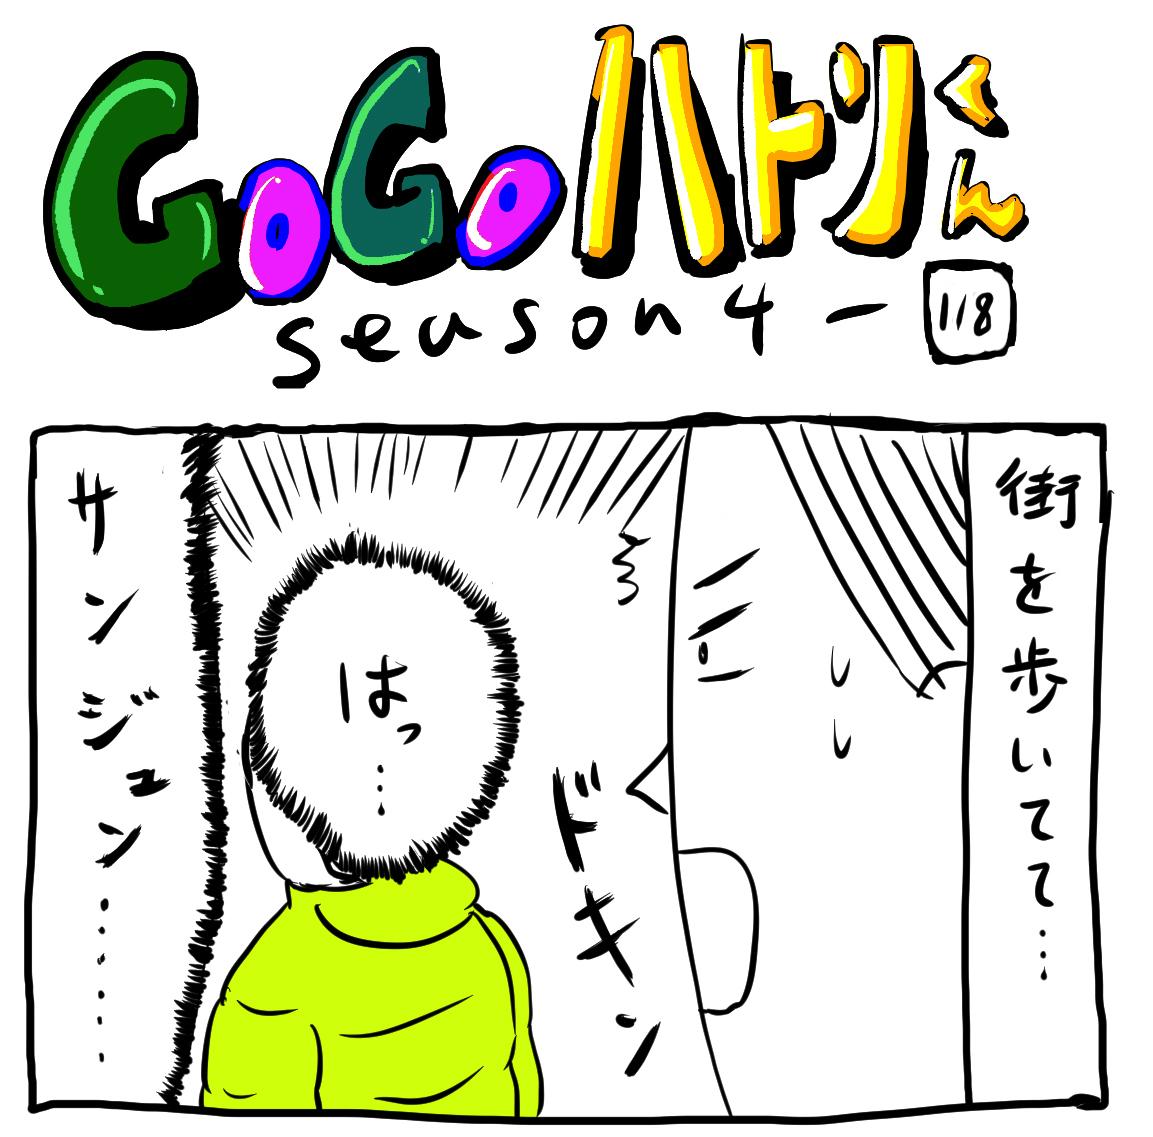 【代打4コマ】第198回「まぼろしのP.K.サンジュン上級編」GOGOハトリくん